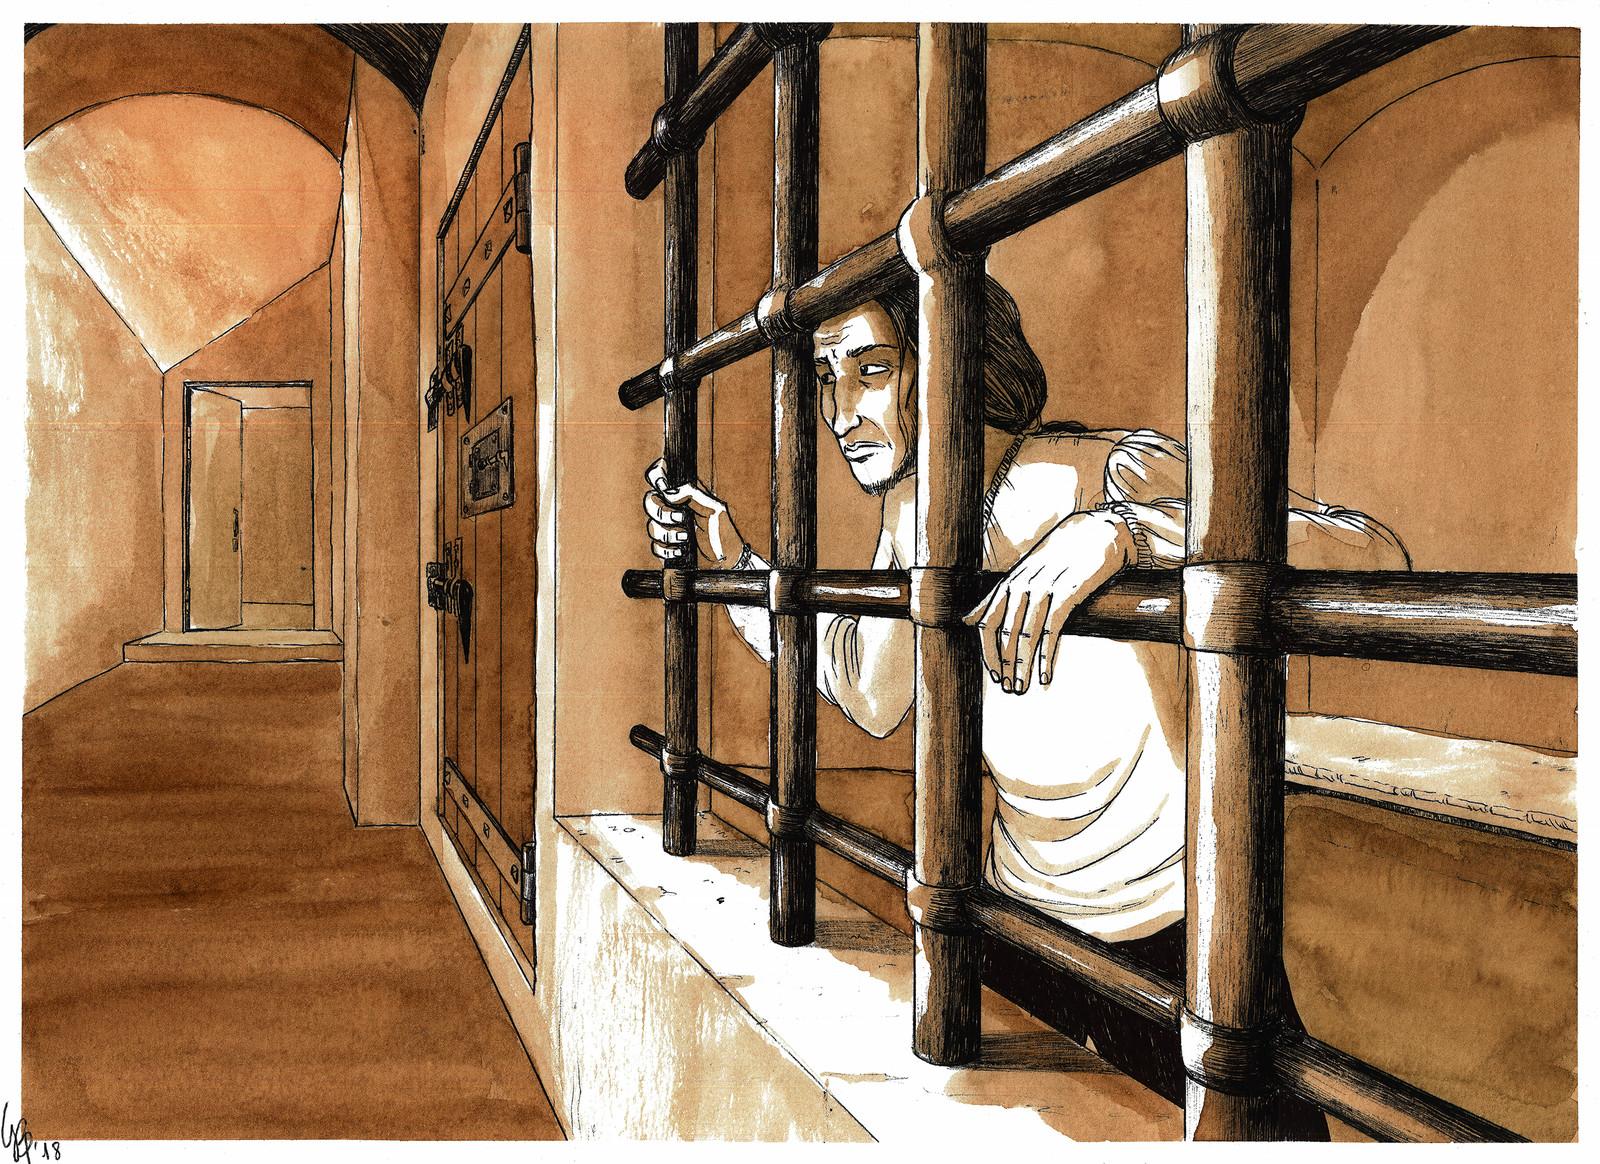 Nel 1815 Paganini sconta una settimana di detenzione  nella torre grimaldina di Palazzo Ducale.